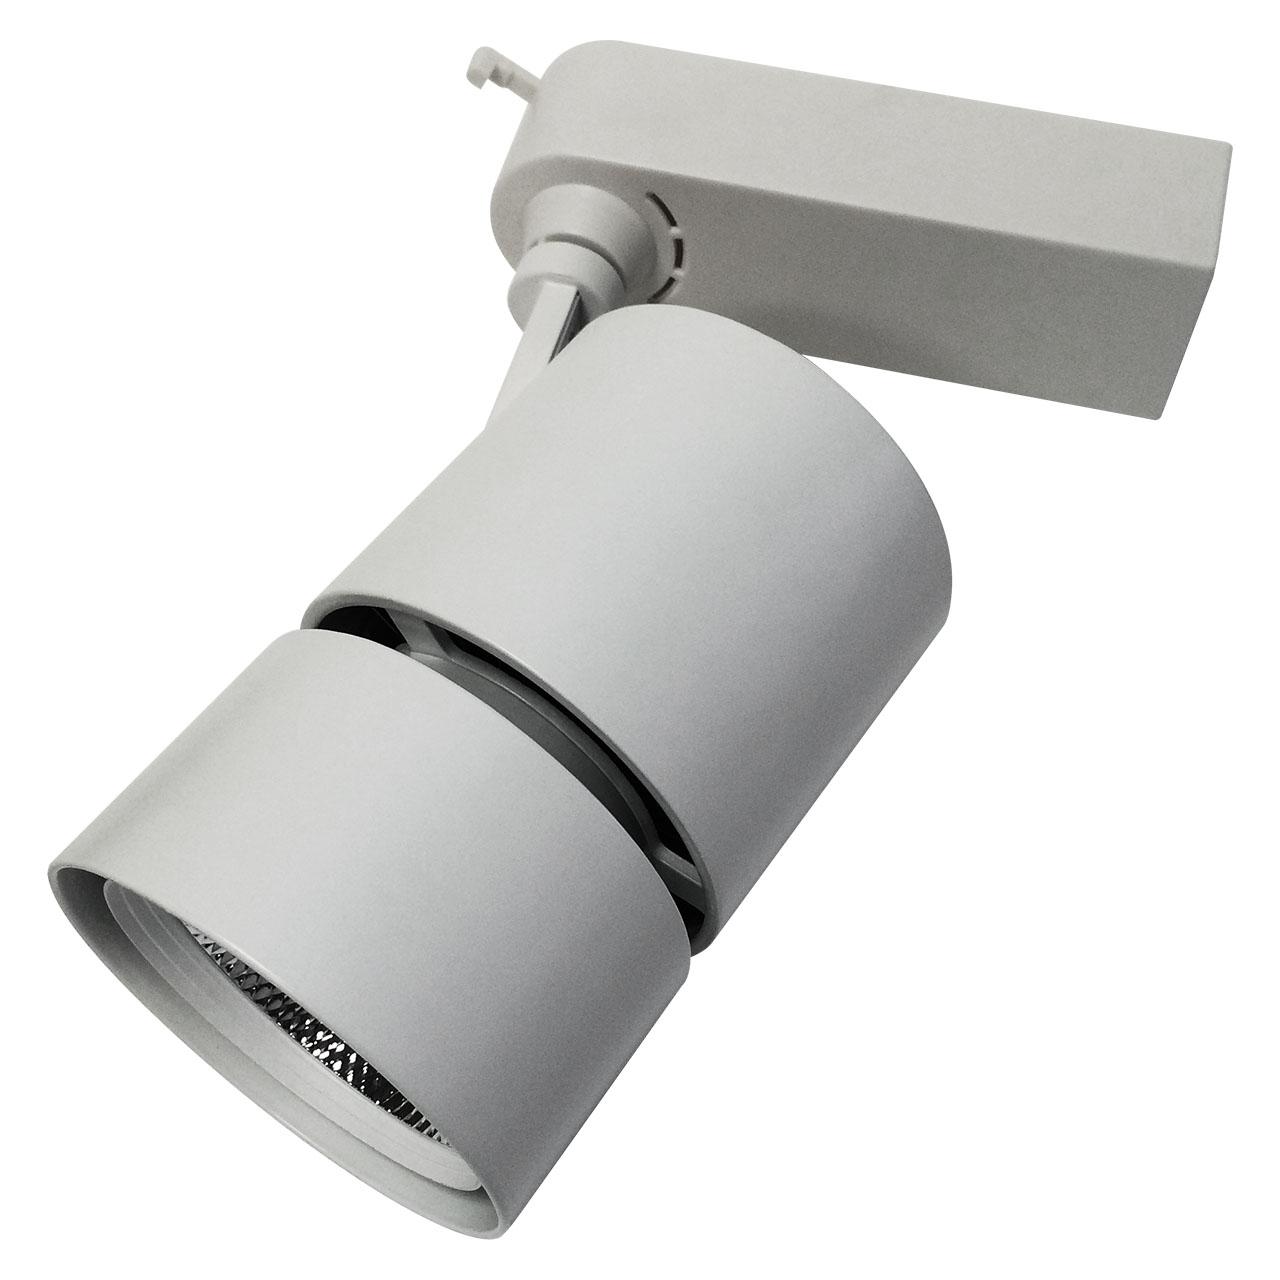 LED Spot Light, LED Track Light, METEOR_RTT045, Oasistek